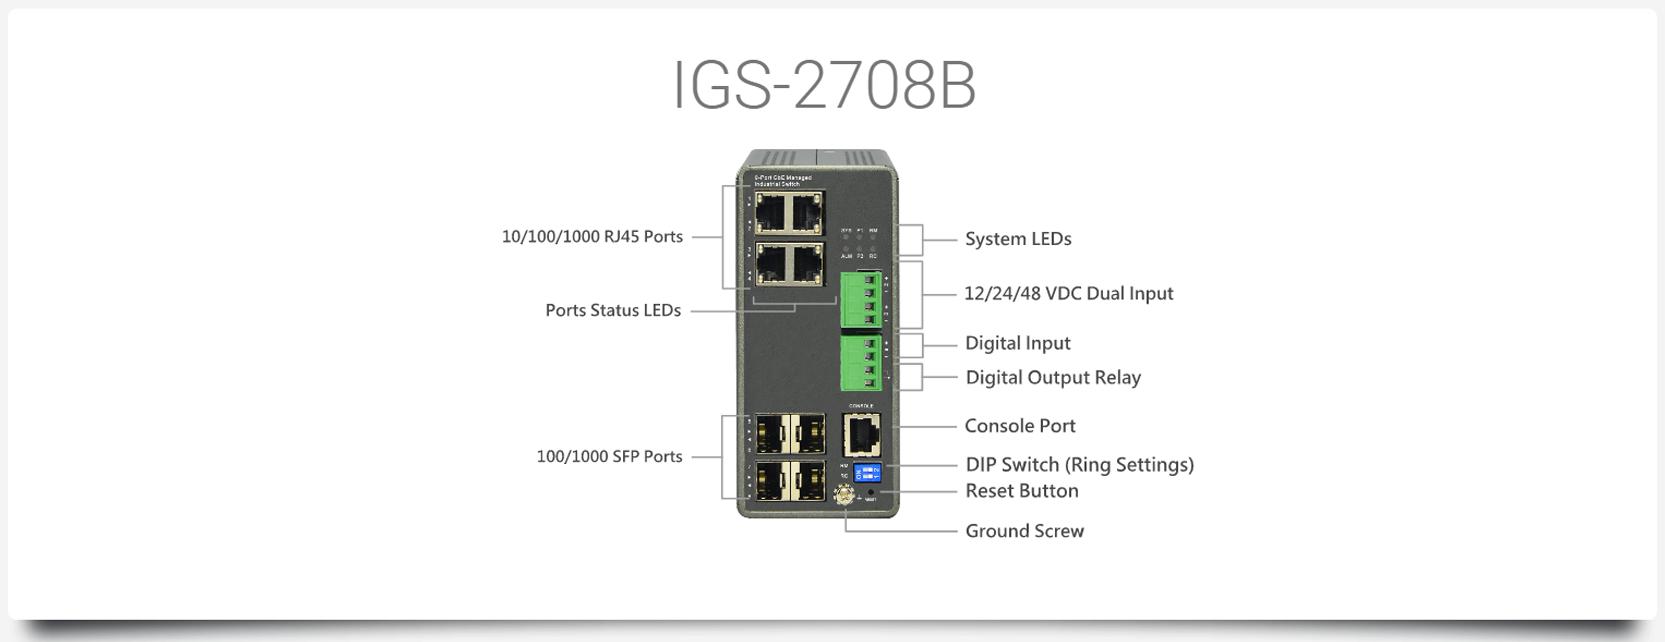 IGS-2708B